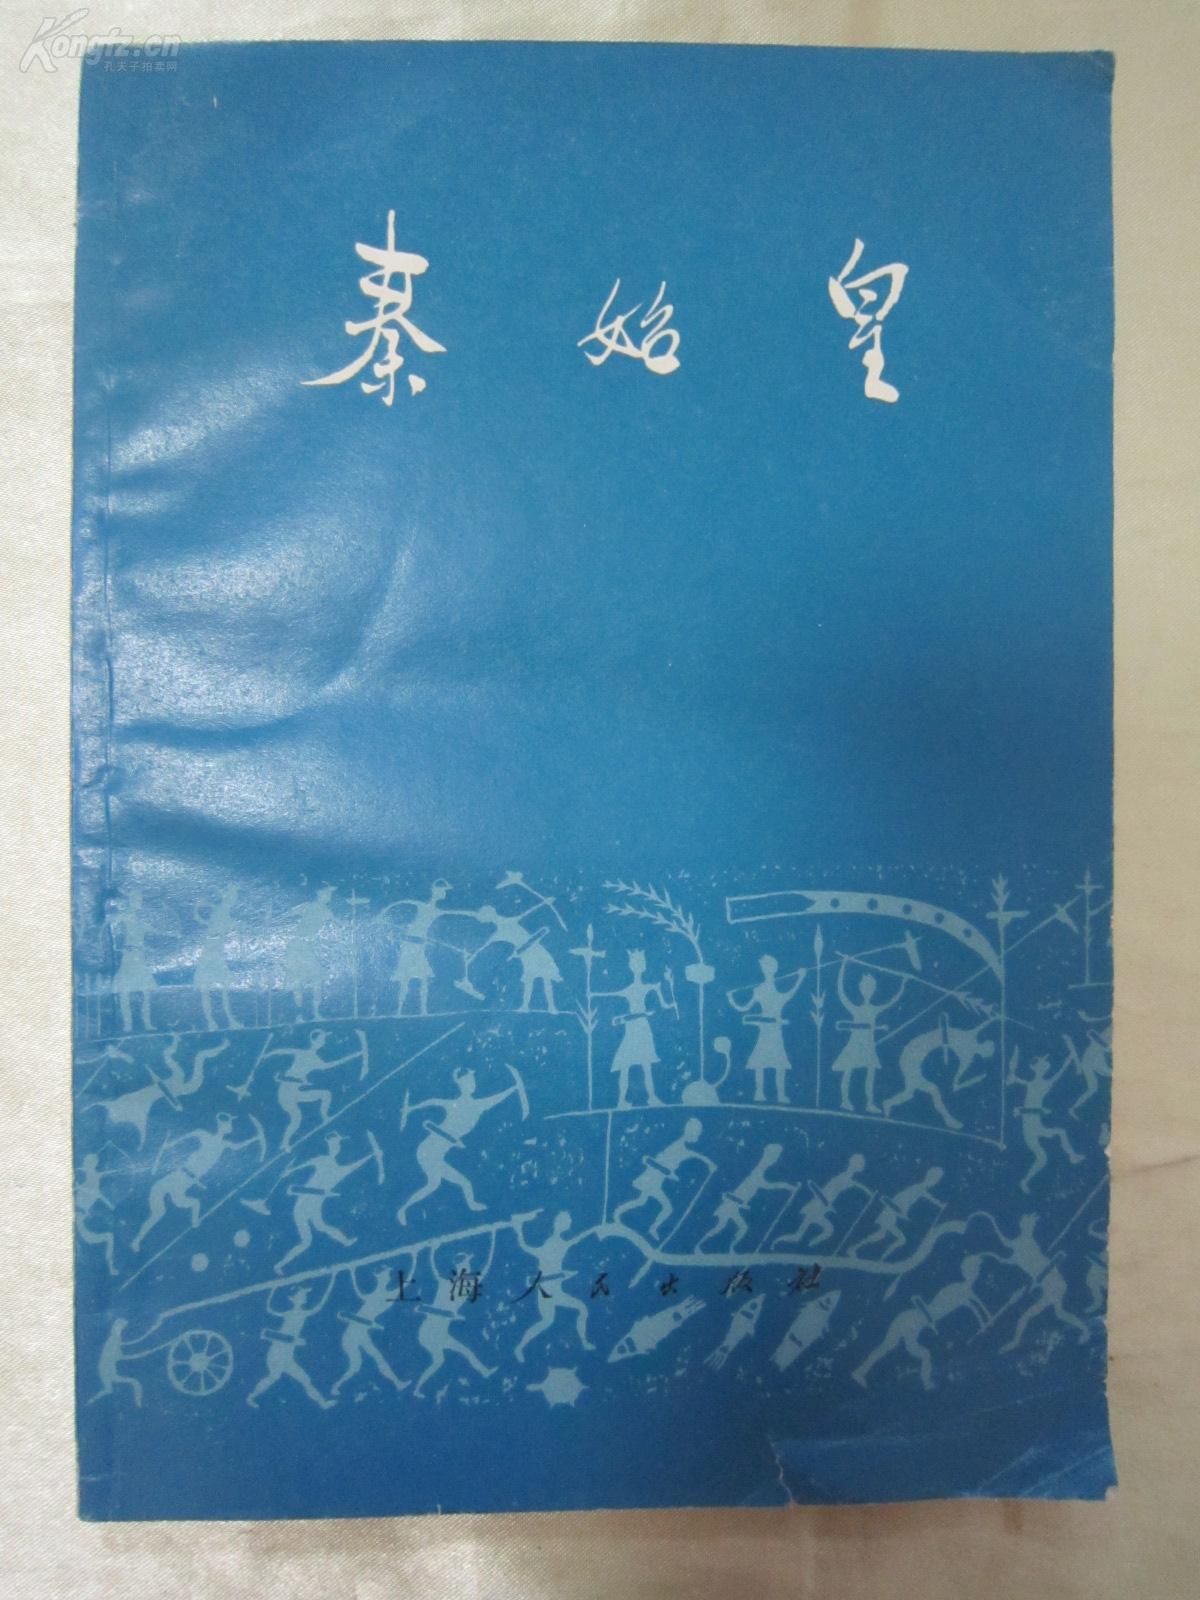 老版精品文学《秦始皇》,洪世涤 著,32开平装一册全。上海人民出版社,1972年7月印行。封面设计精美,品佳如图!